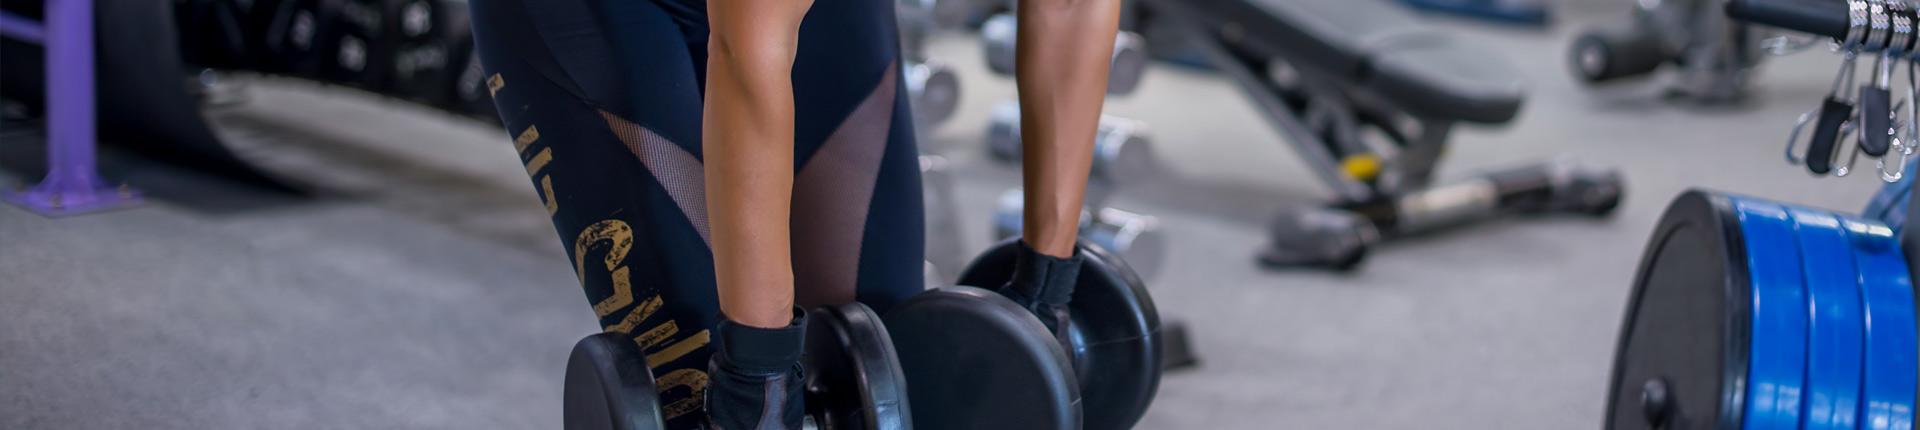 Trening siłowy dla kobiet - jakie ćwiczenia warto wykonywać na początku?